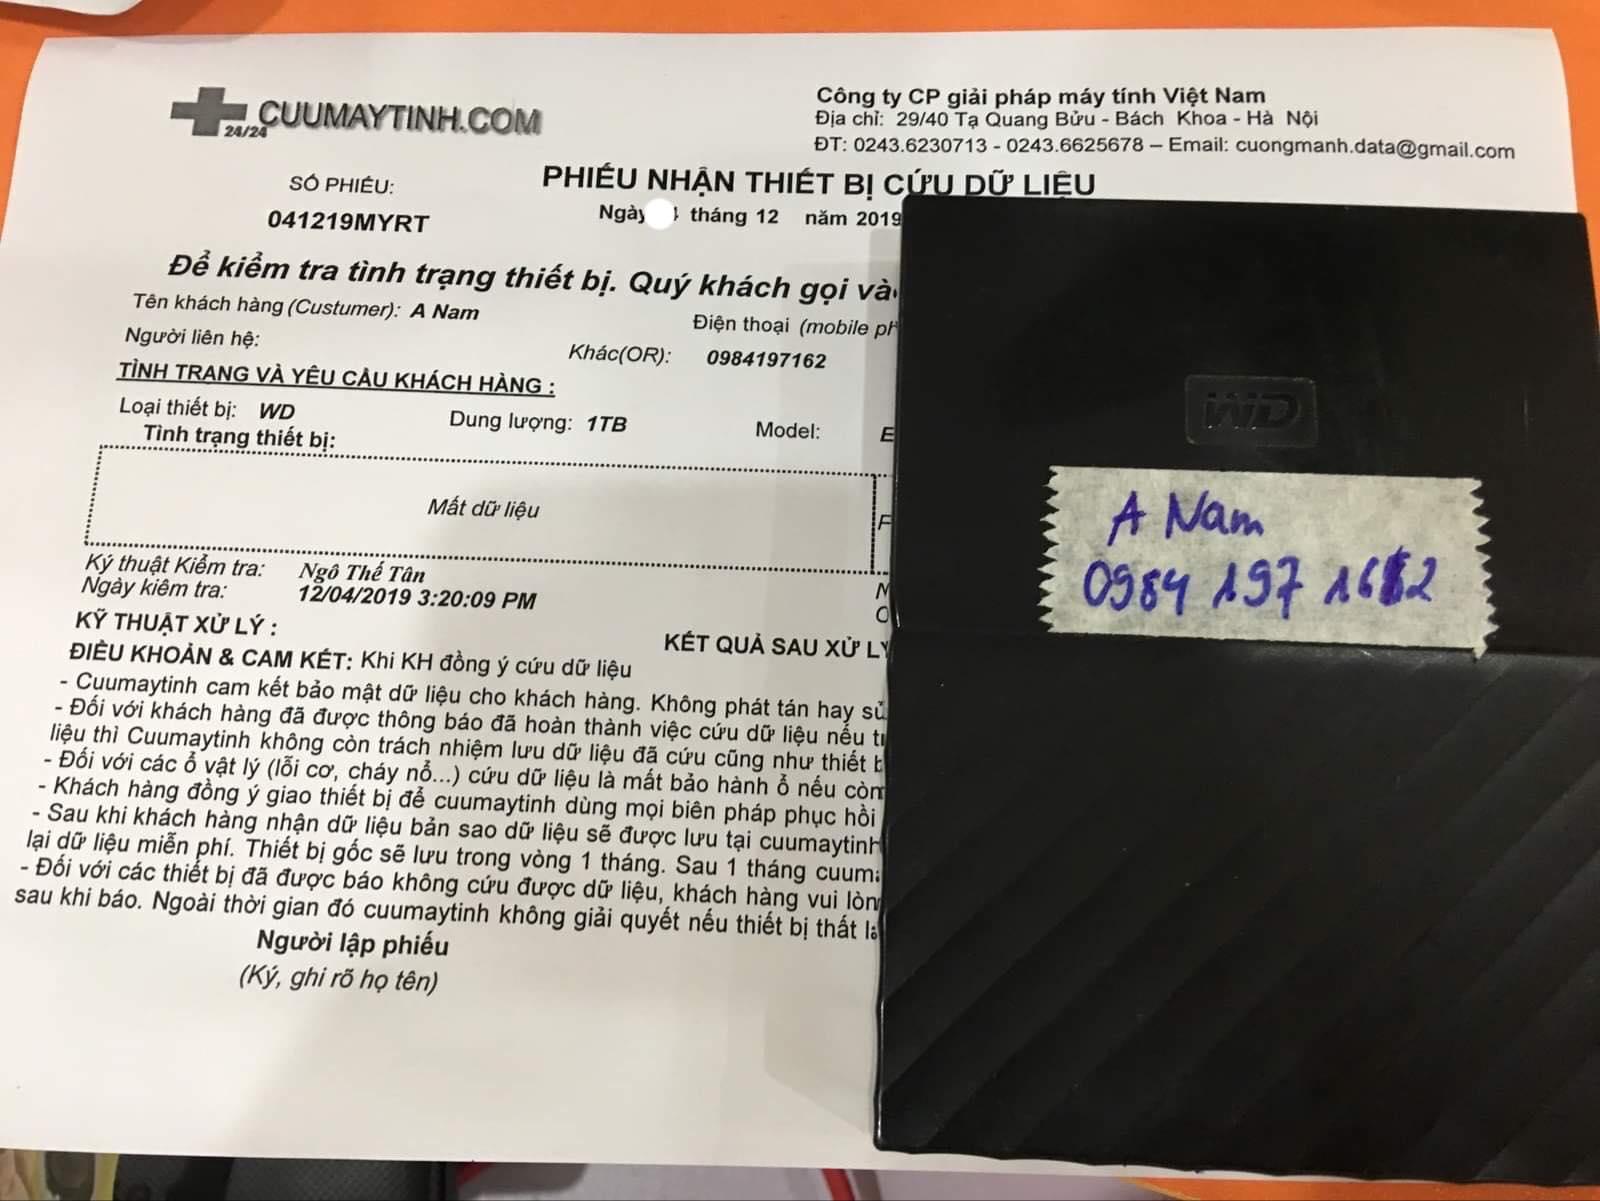 Lấy dữ liệu ổ cứng Western 1TB mất dữ liệu19/12/2019- cuumaytinh